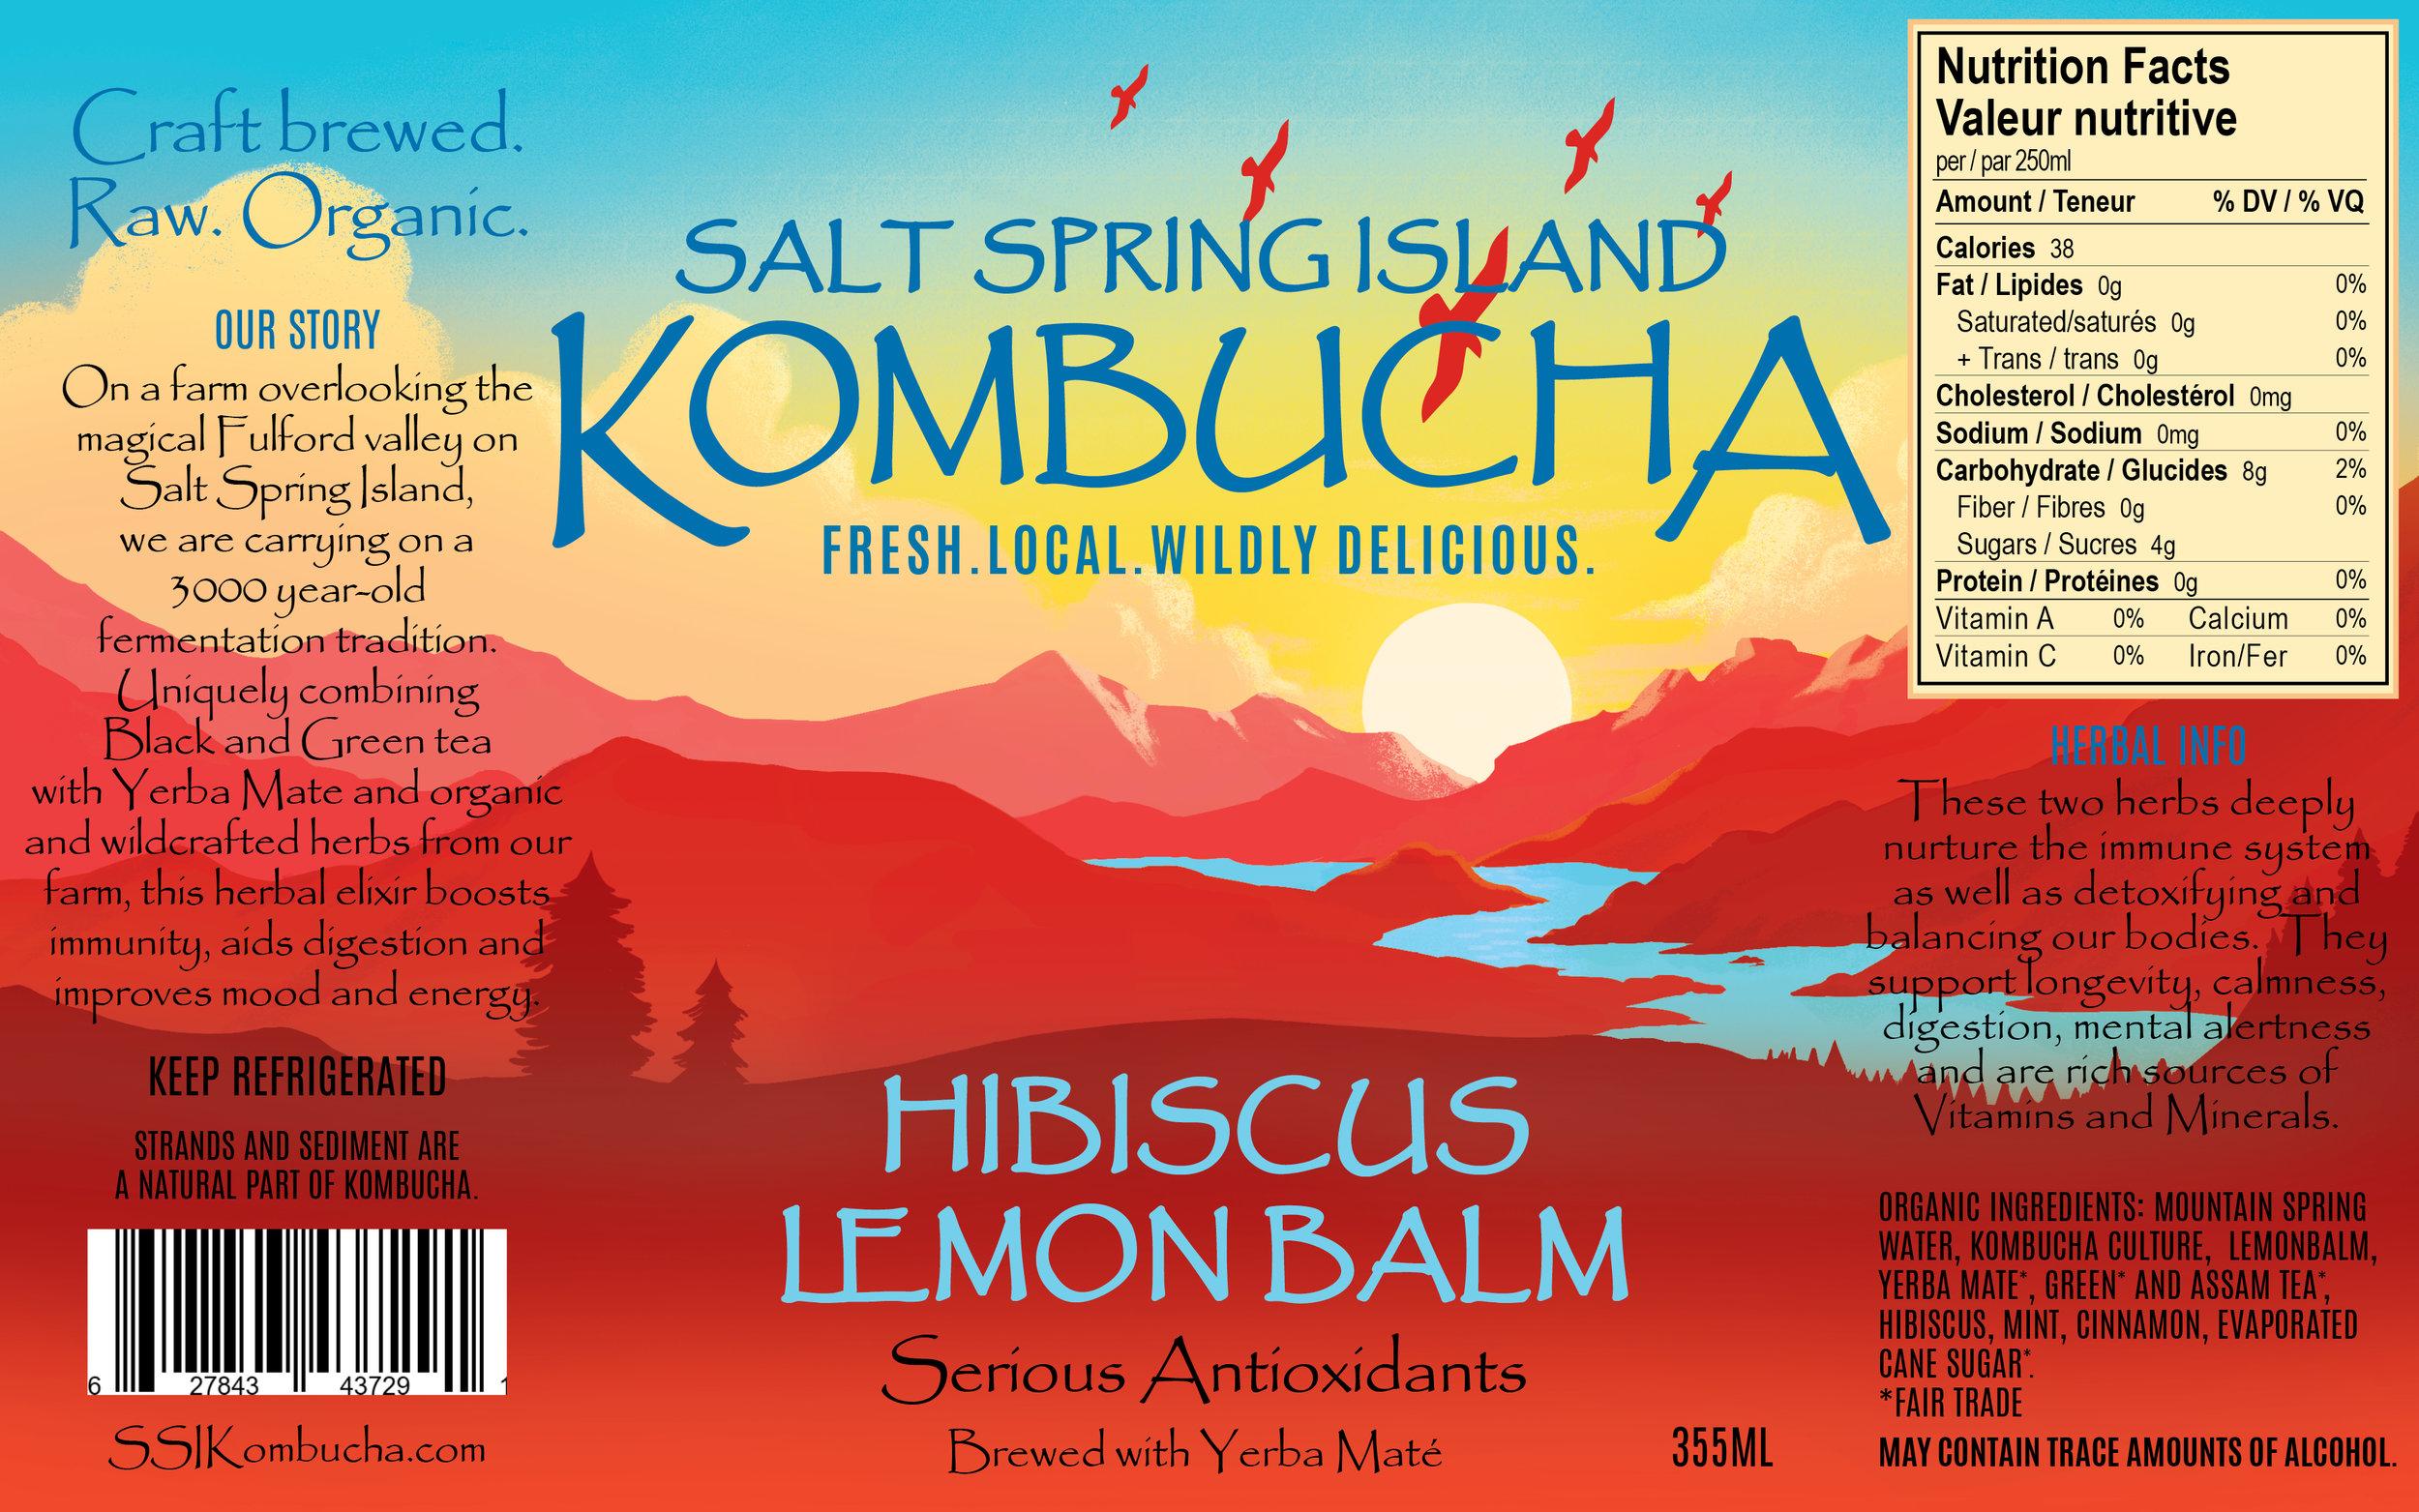 SSIKombucha Hibiscus Lemonbalm.jpg